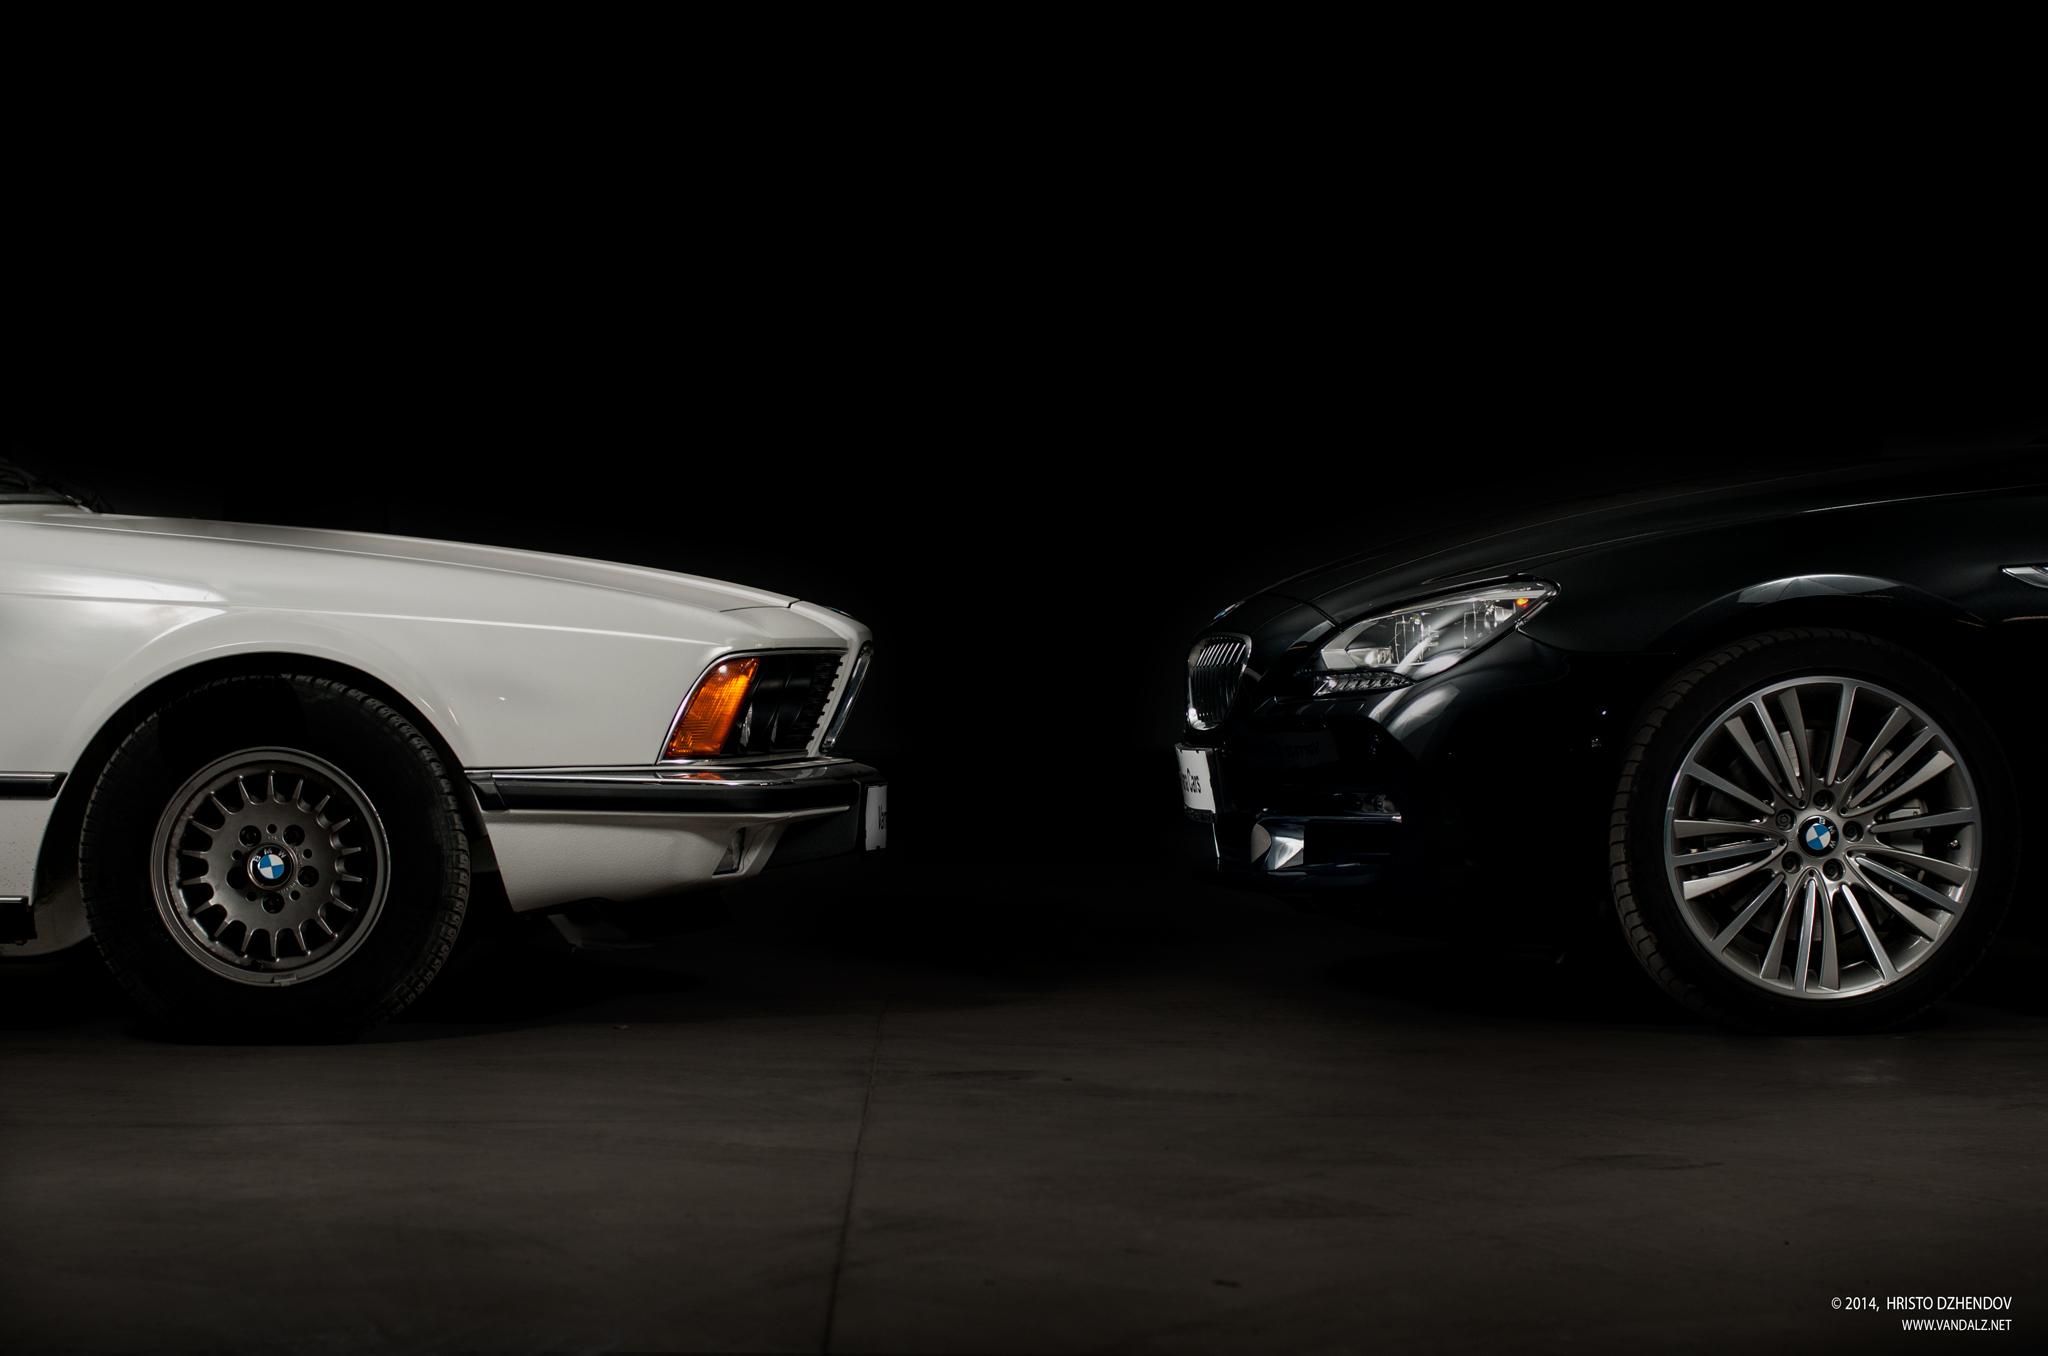 187 Evolution Bmw 6 Series 628csi E24 Vs 640d Gran Coupe